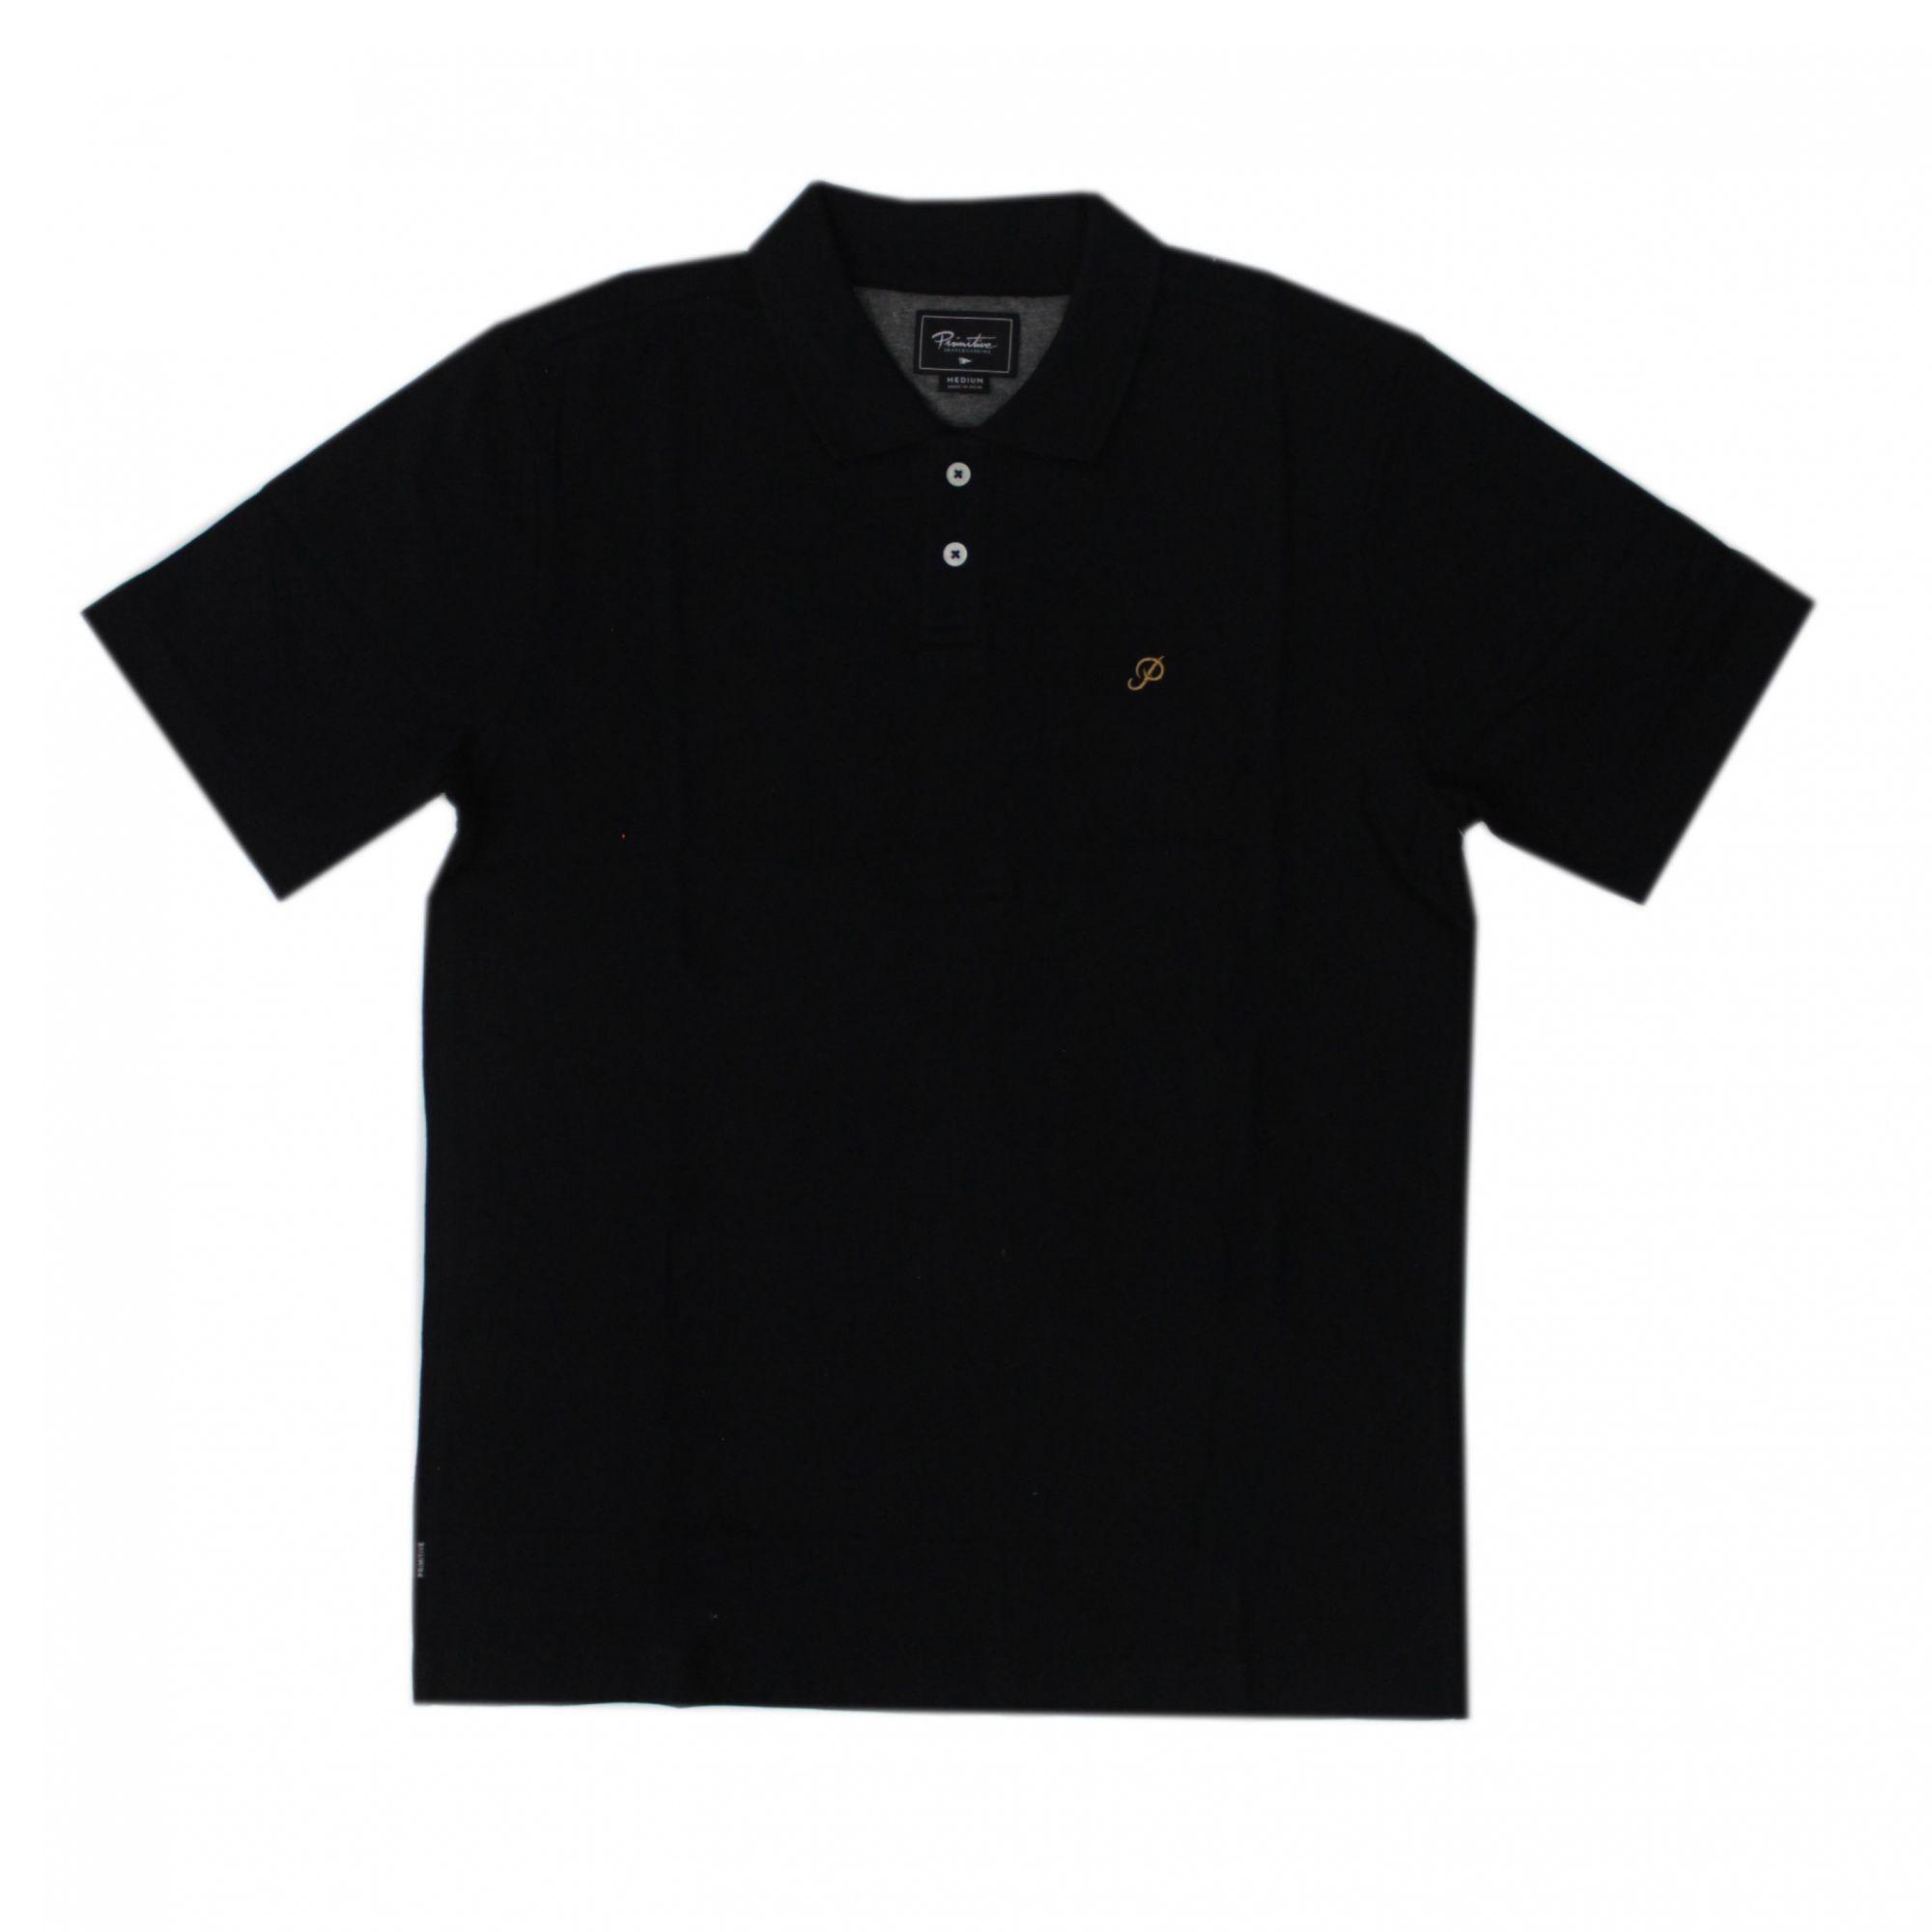 Camisa Polo Primitive Classic P - Preto (Importado)